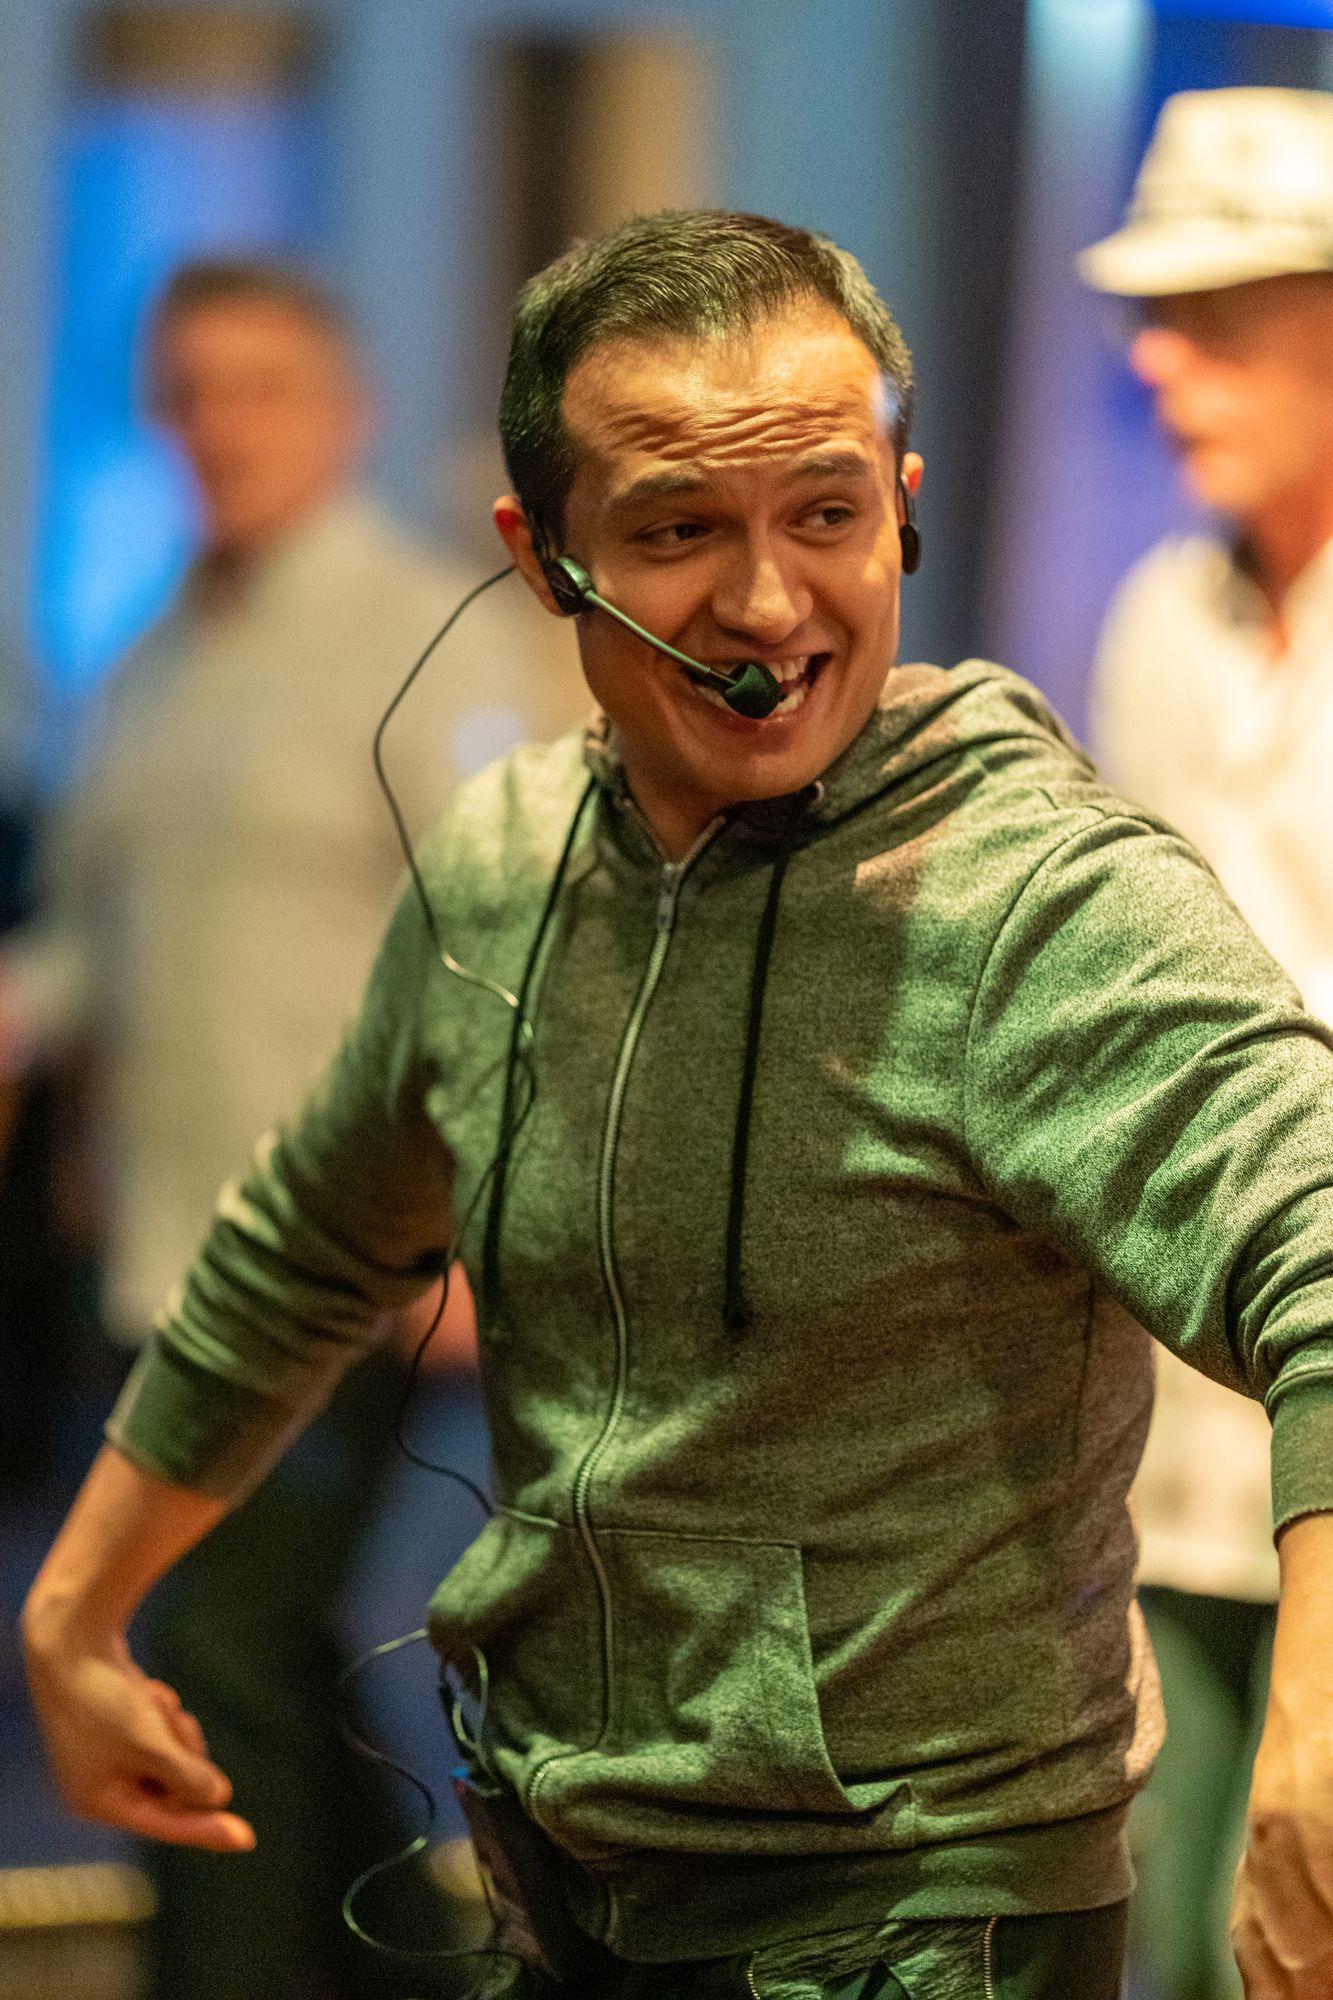 Salsa-Tanzunterricht von Oliver Chimbo auf der Salsa Night in den Haas-Sälen Bamberg am 7. März 2020